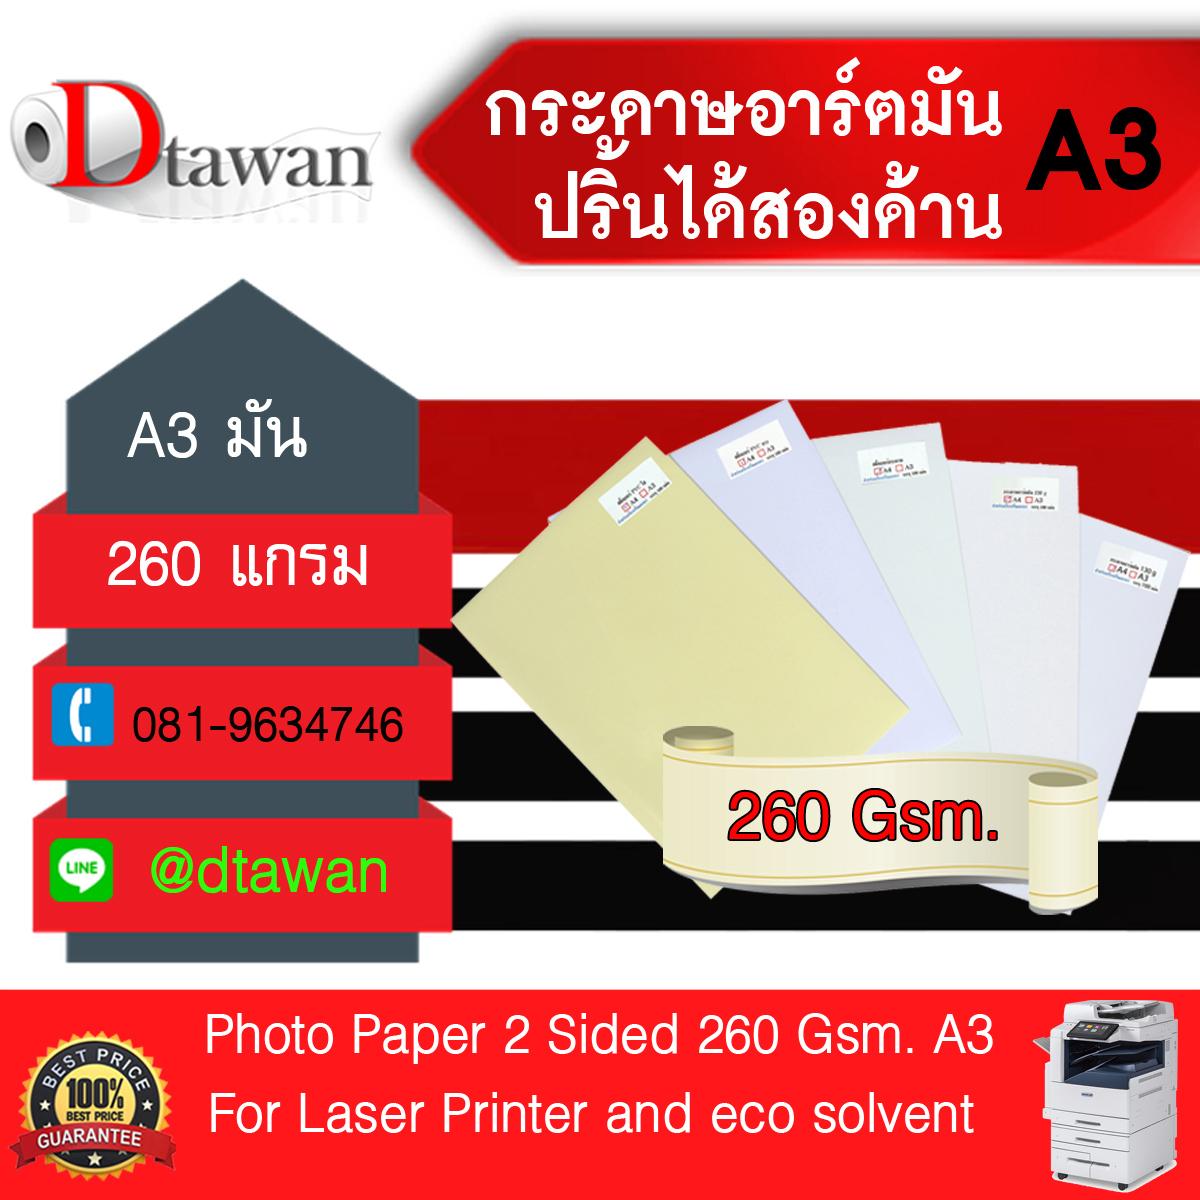 กระดาษอาร์ตมัน 2หน้า 260g (260แกรม) ขนาด A3